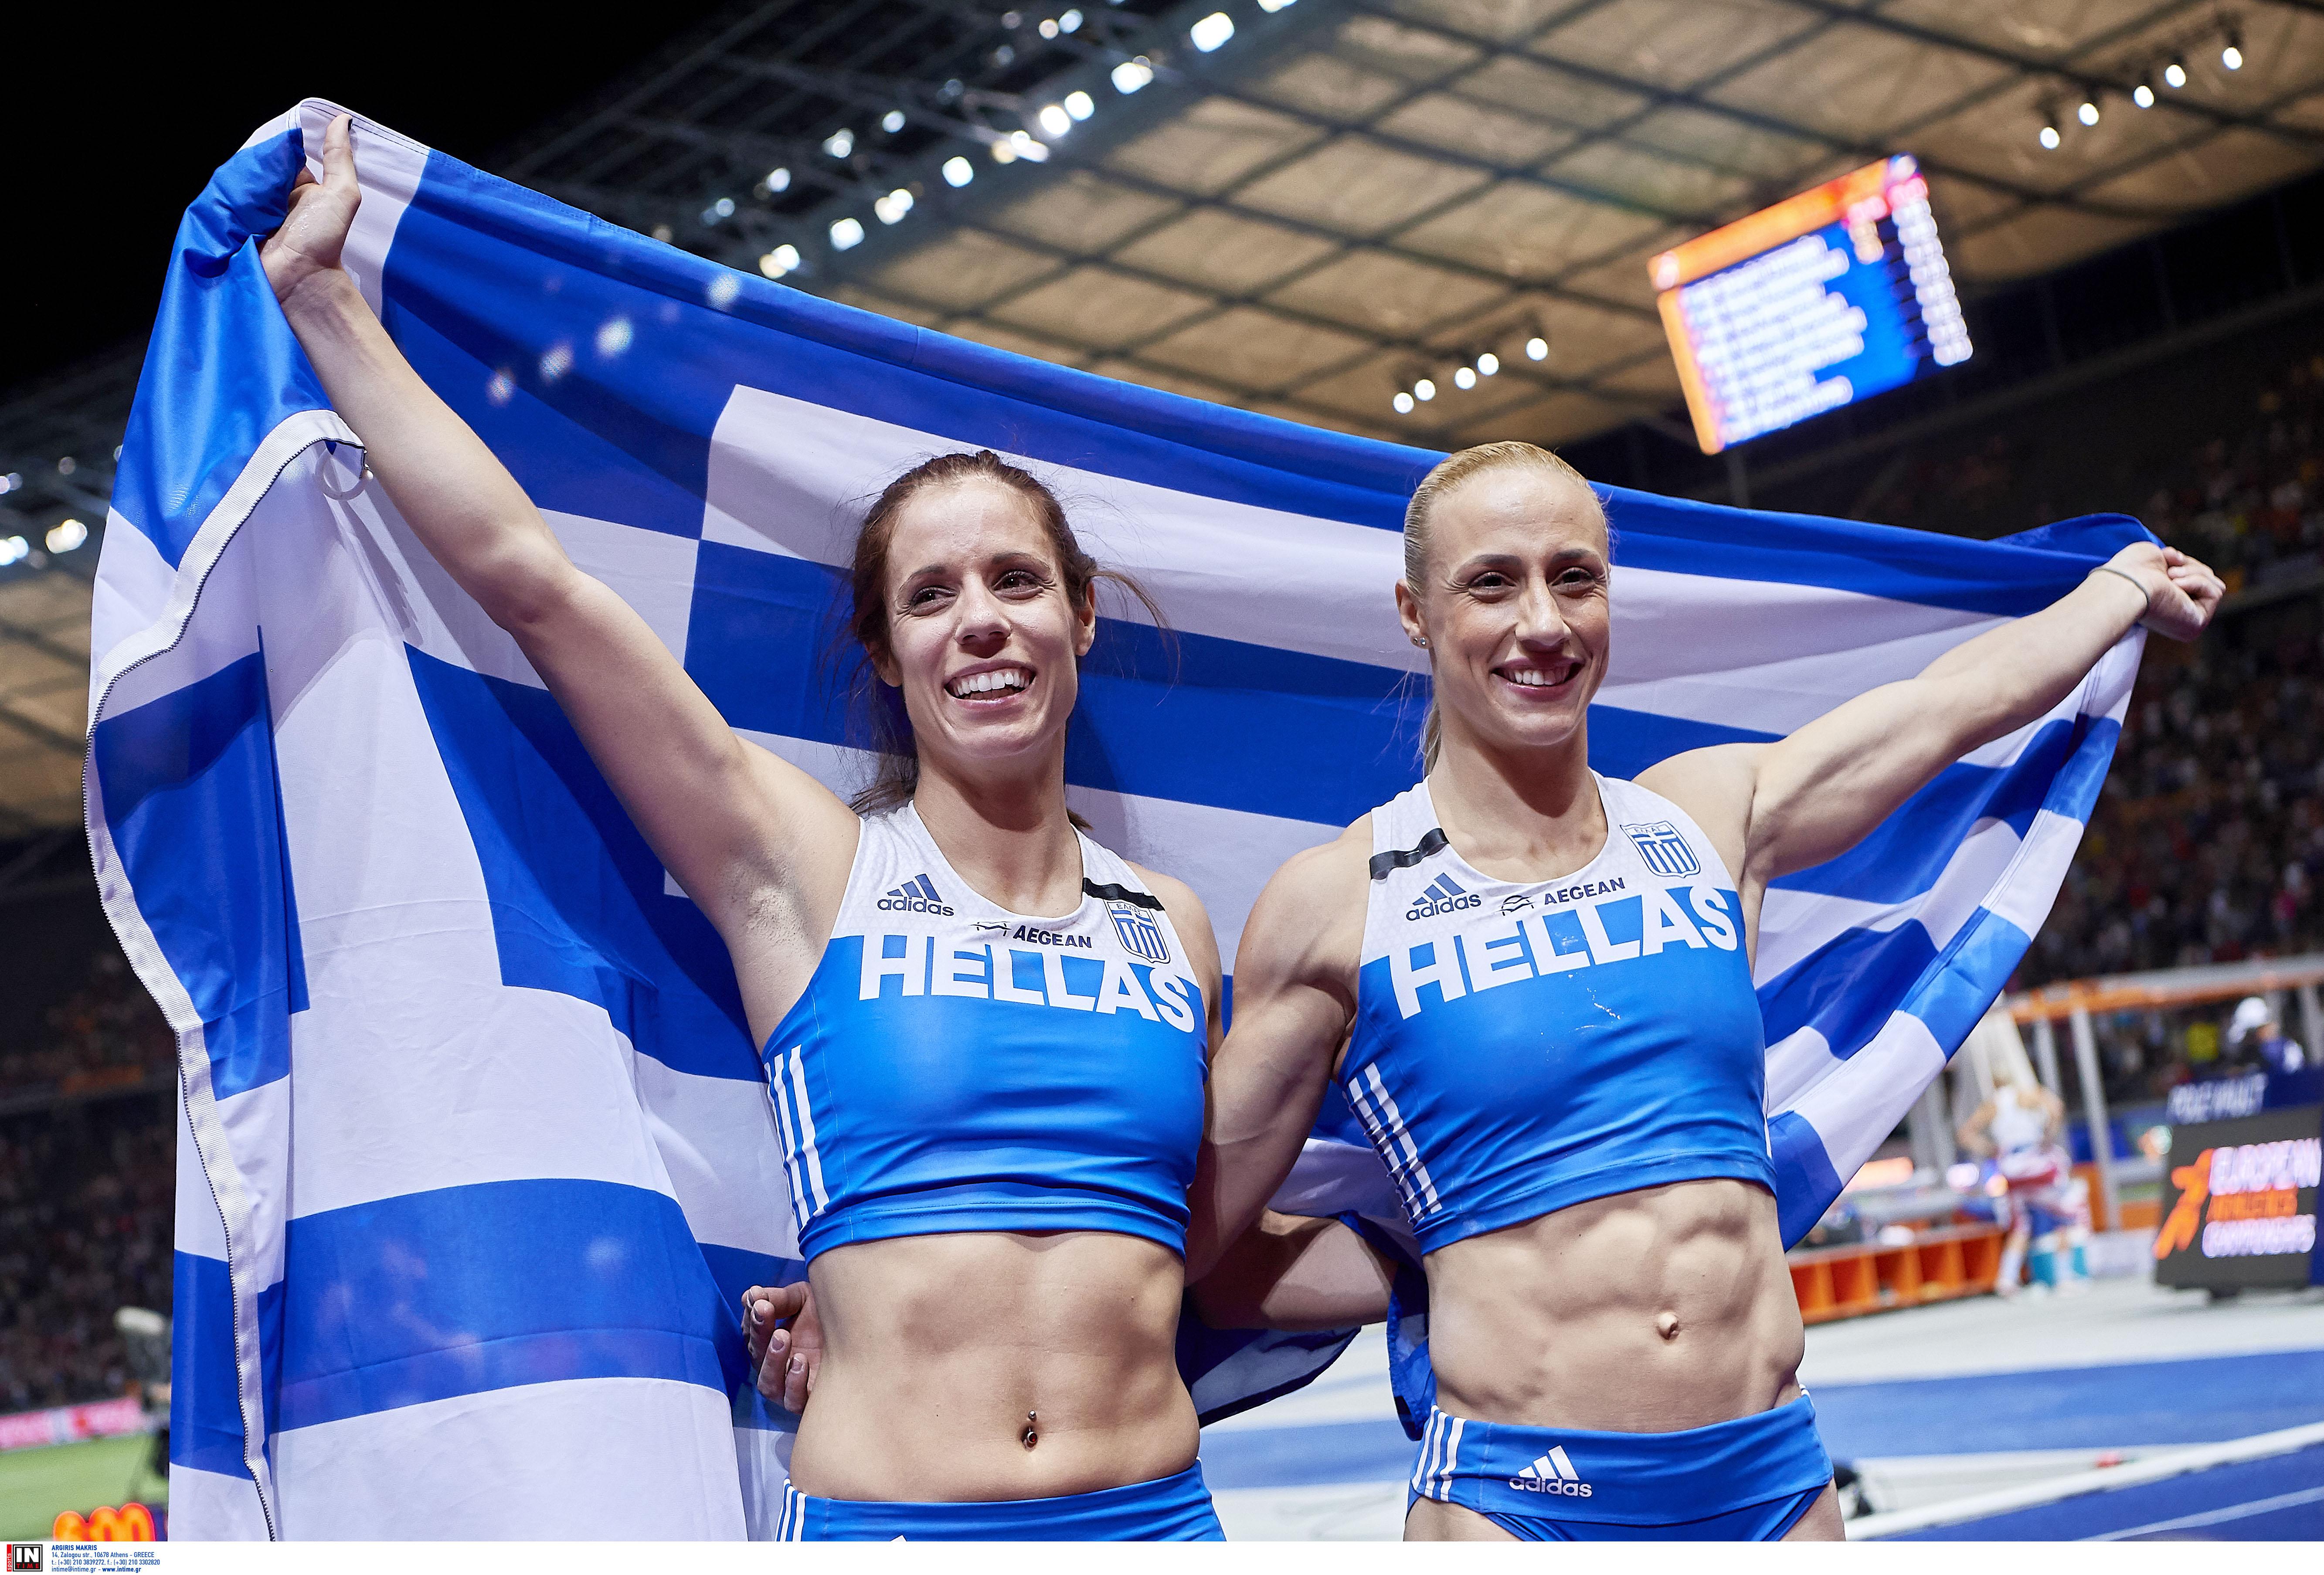 Κατερίνα Στεφανίδη – Νικόλ Κυριακοπούλου: Ώρα μεταλλίου στον τελικό του επί κοντώ στους Ολυμπιακούς Αγώνες